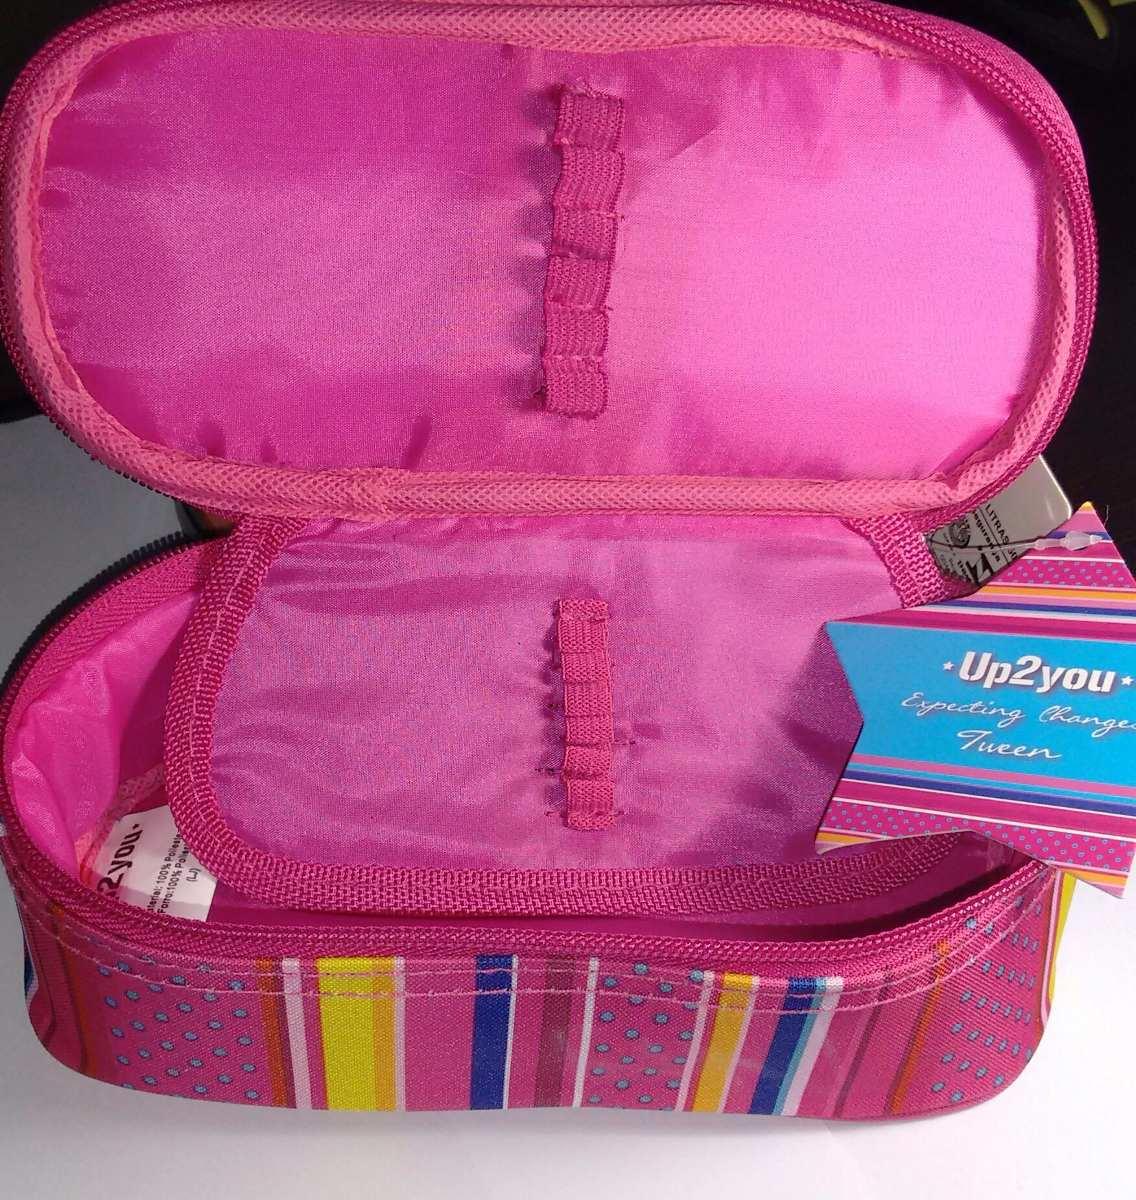 Estojo Juvenil Feminino Escolar Ou Porta Maquiagem Pink M  R$ 38,90 em Merca -> Banheiro Feminino Ou Feminina